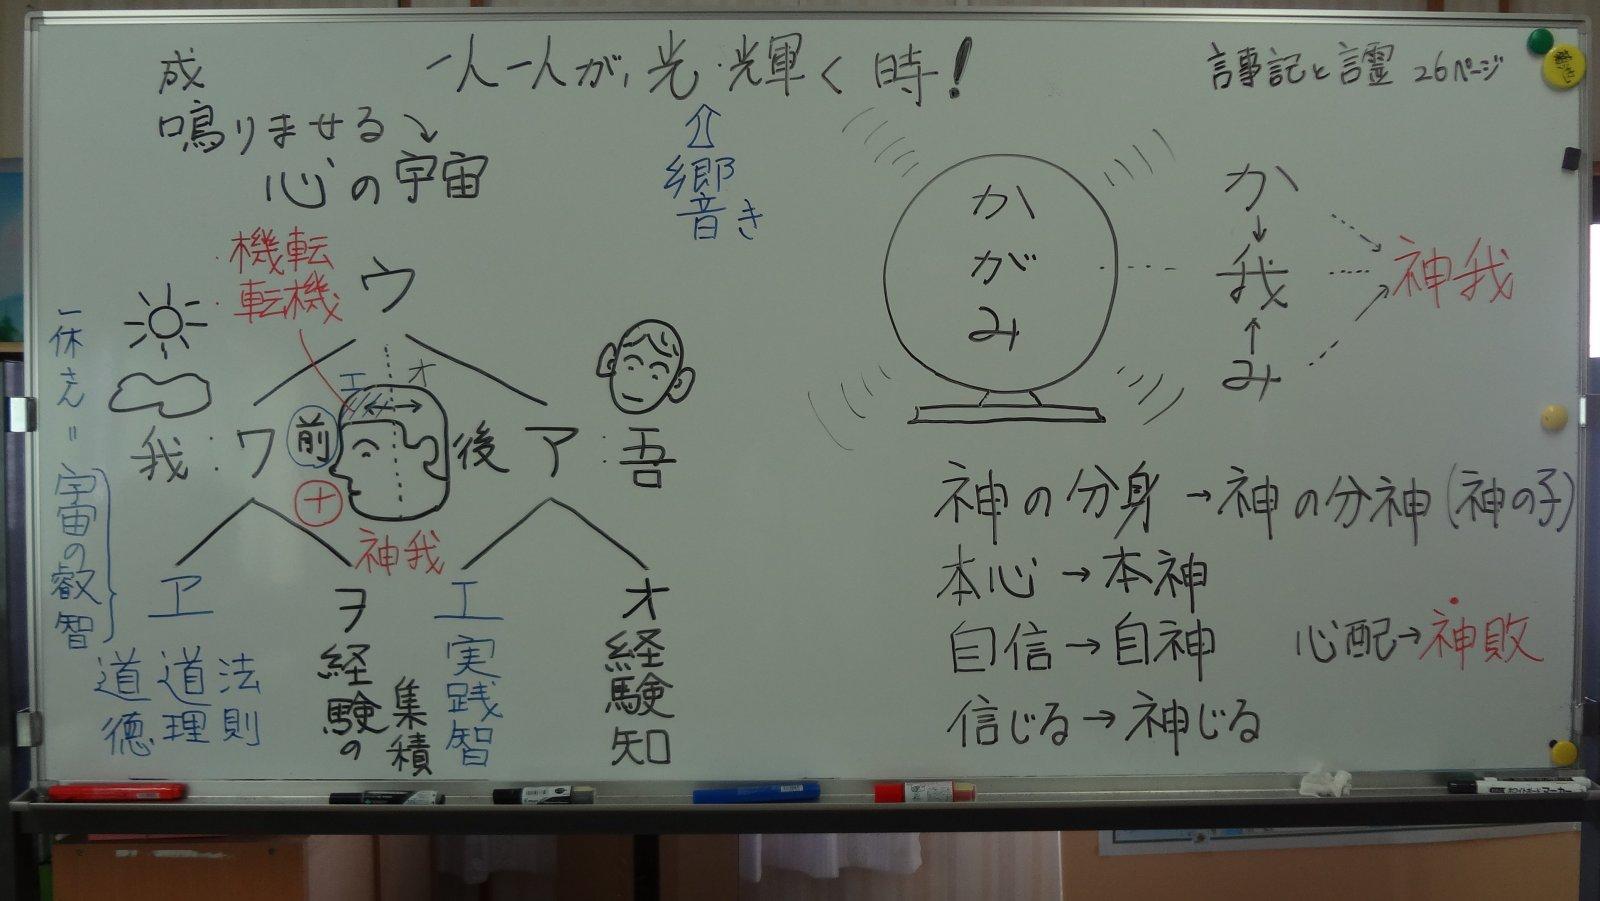 http://www.g-labo.co.jp/document/11th_board.JPG